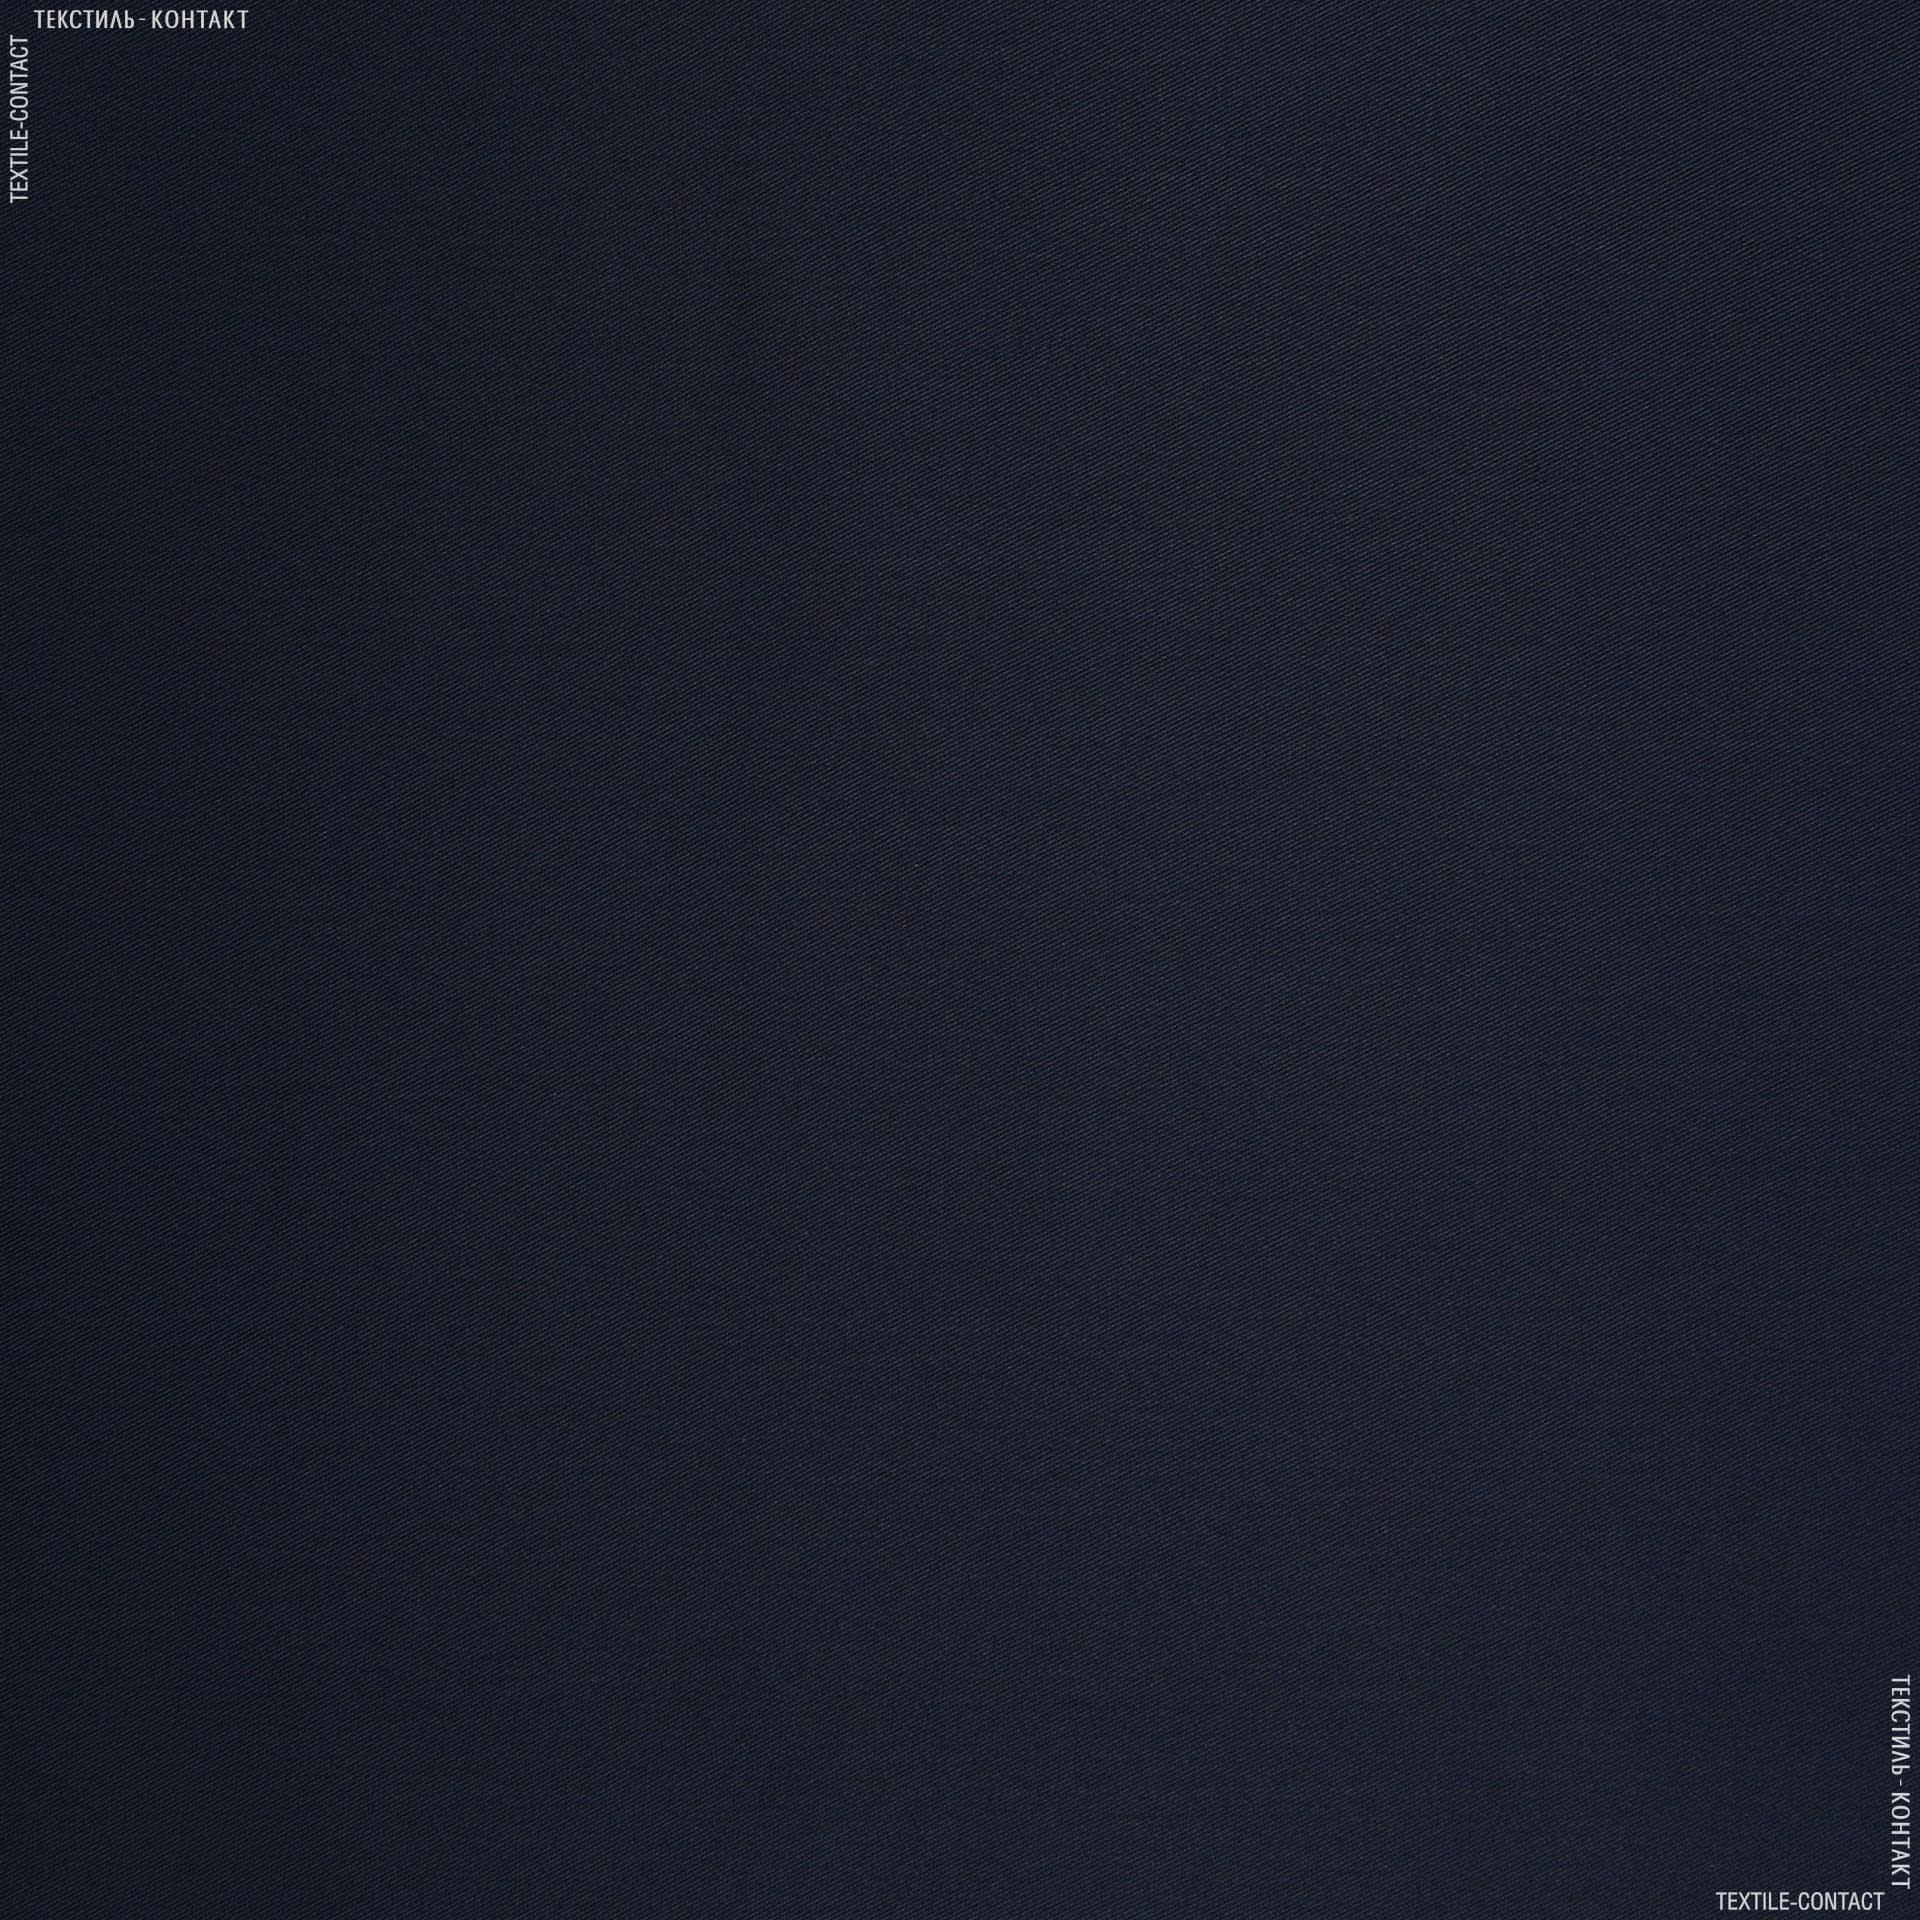 Тканини для рюкзаків - Саржа к1-701 темно-синій